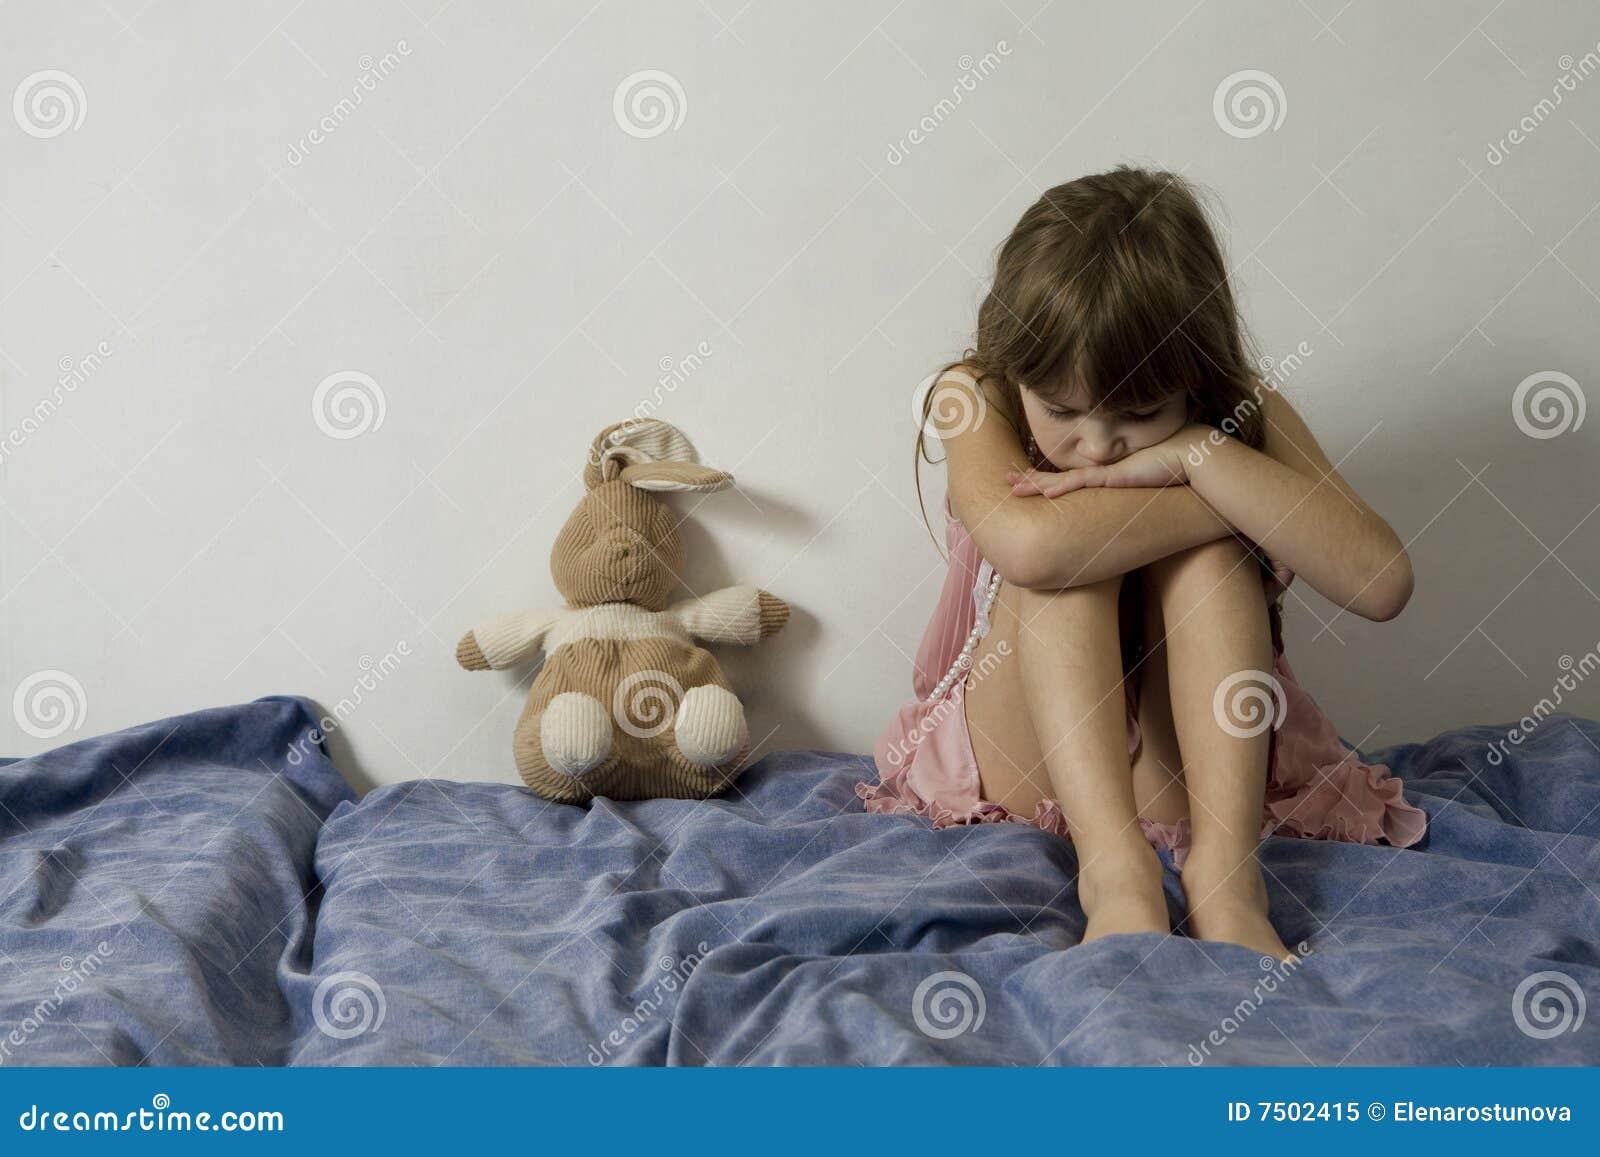 Перевозбужденная мамаша соблазняет спящего сына